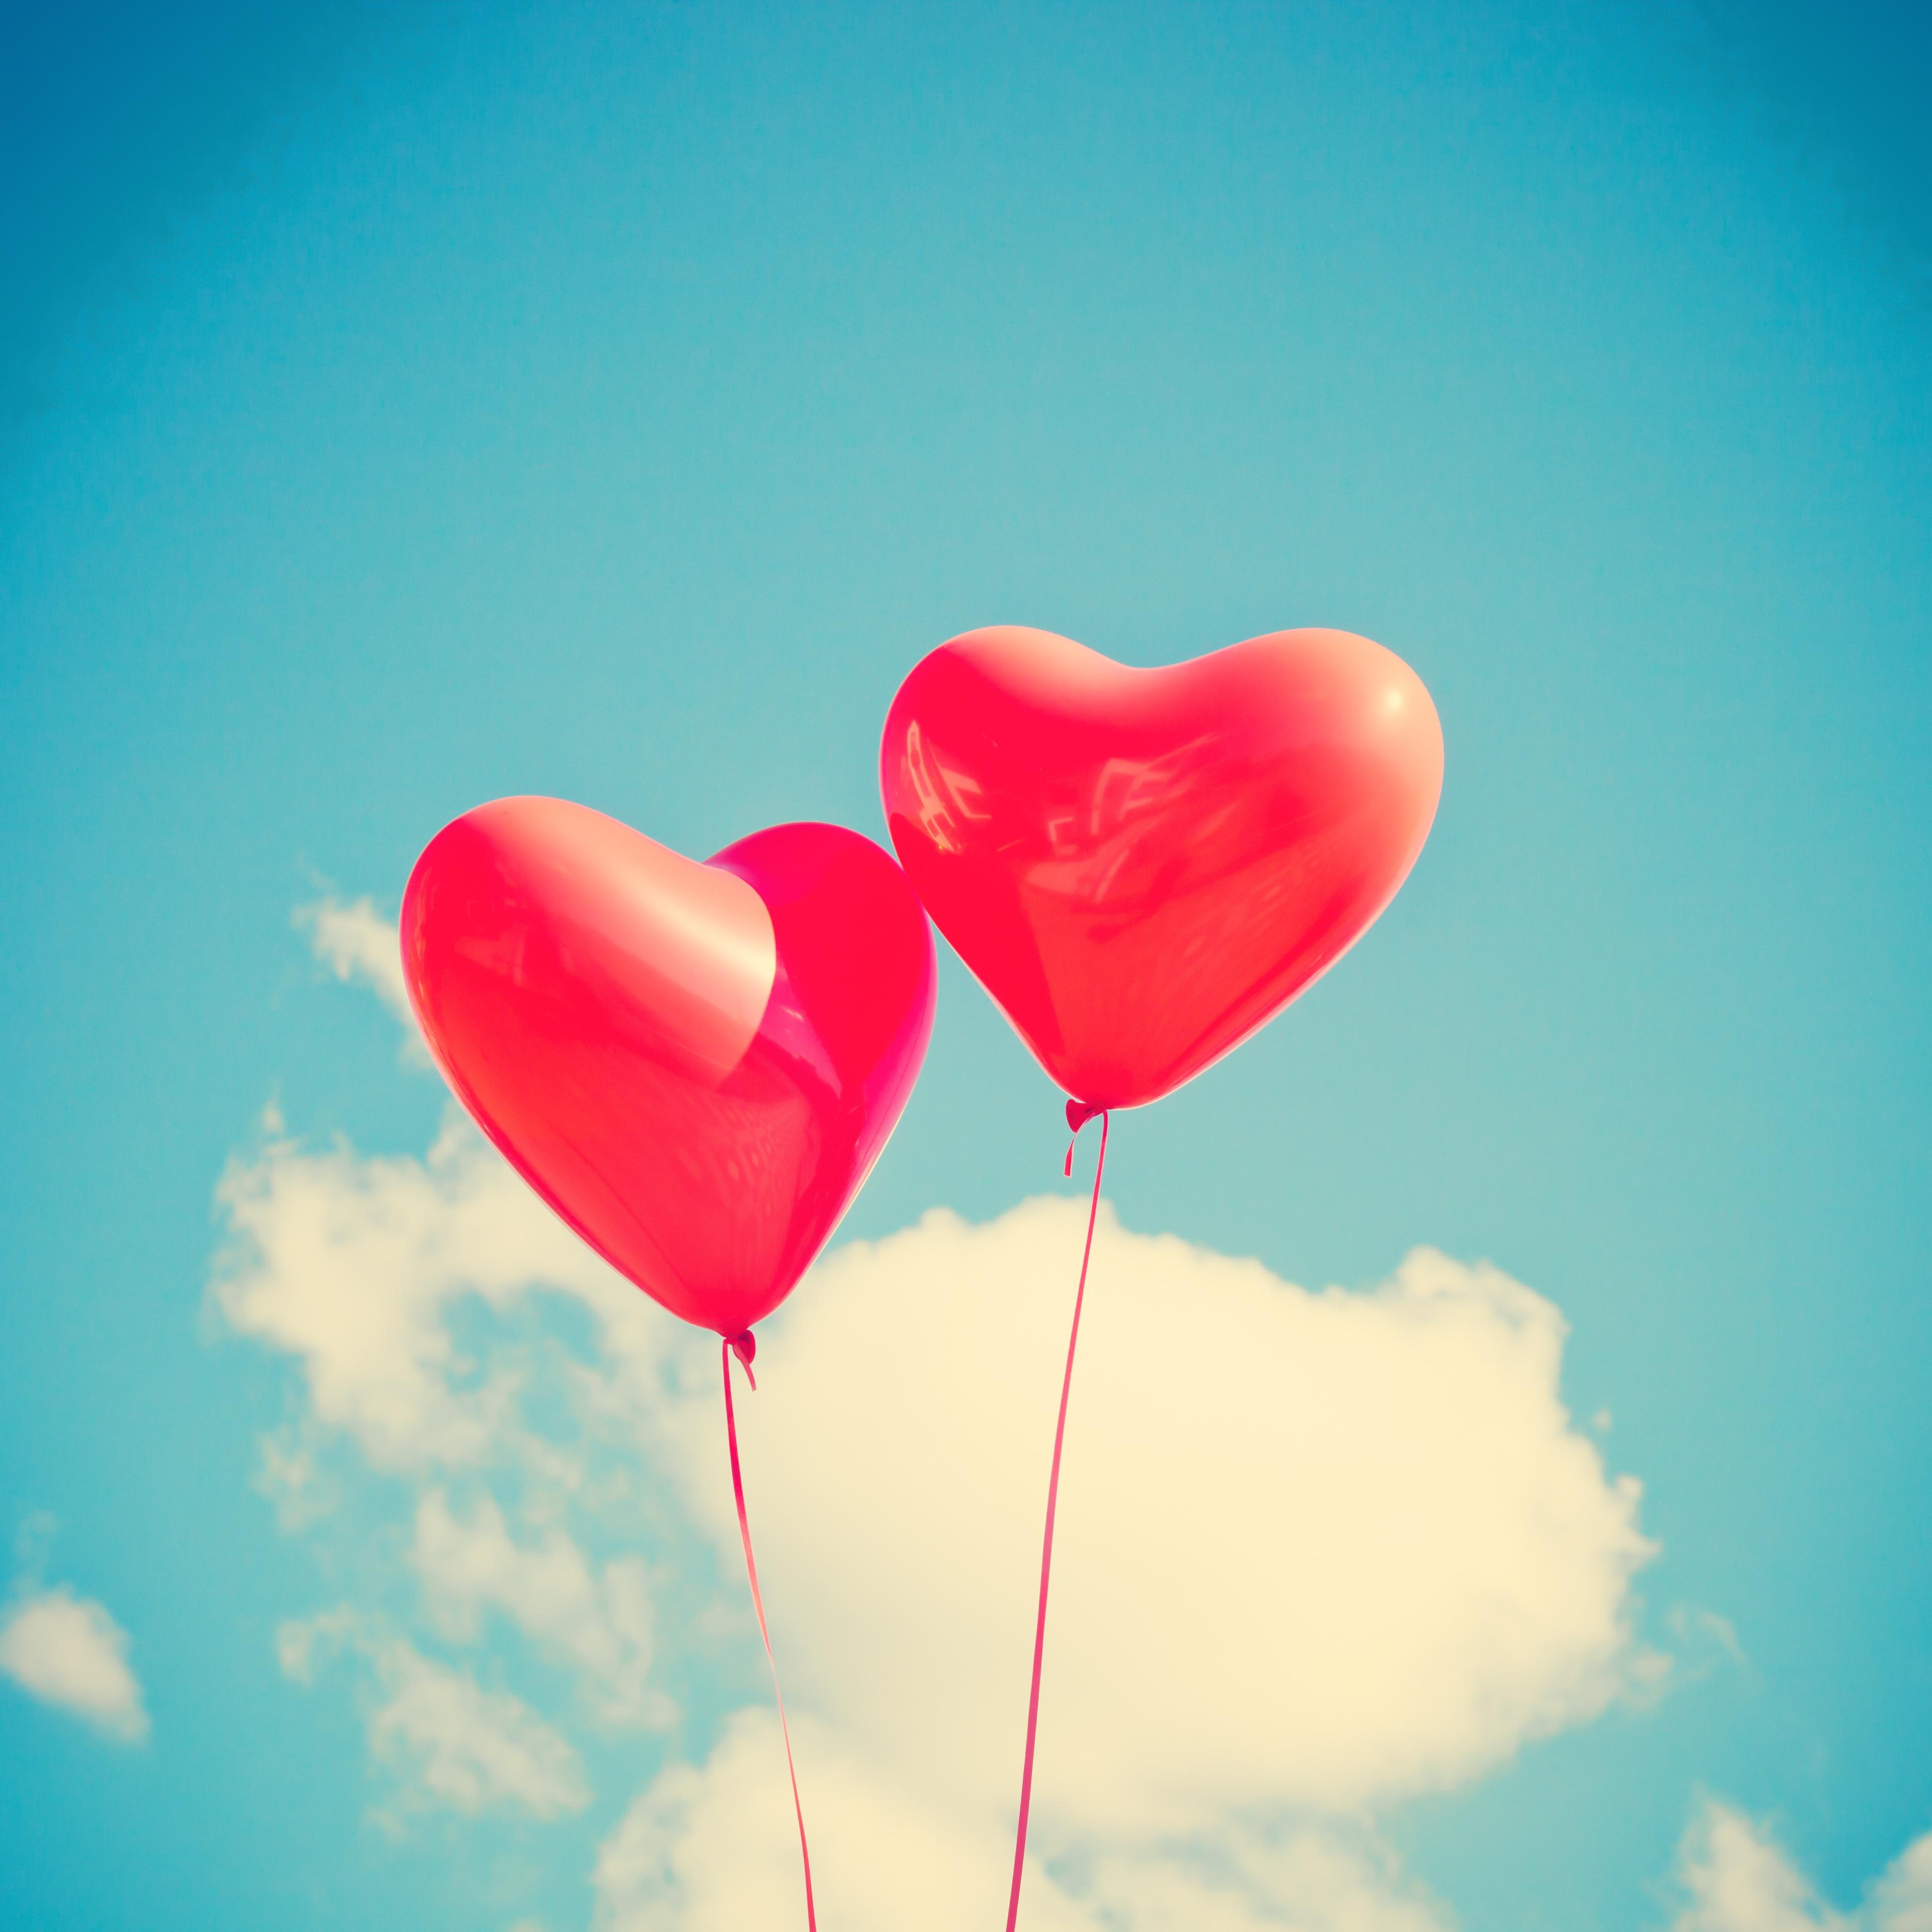 112468 скачать обои Сердце, Любовь, Небо, Легкость, Воздушные Шары - заставки и картинки бесплатно